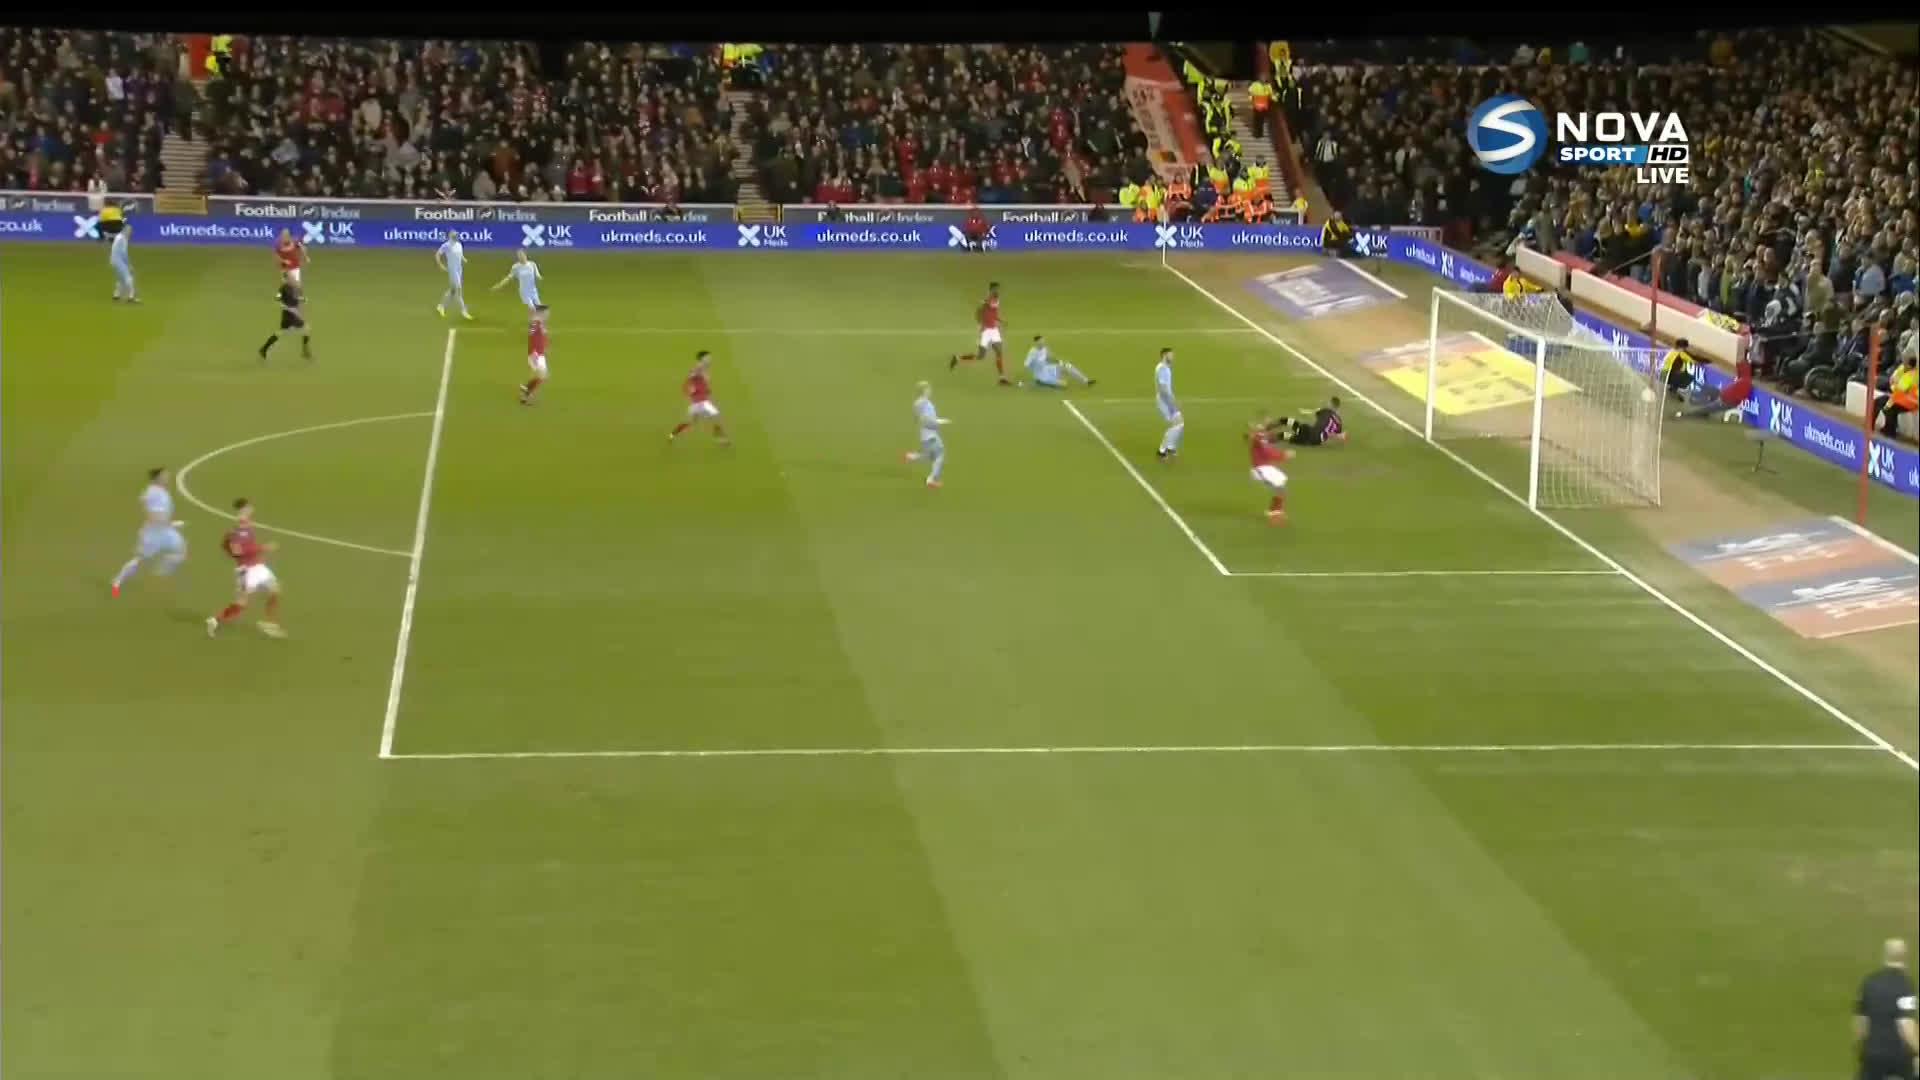 Нотингам Форест - Лийдс Юнайтед 2:0 /репортаж/